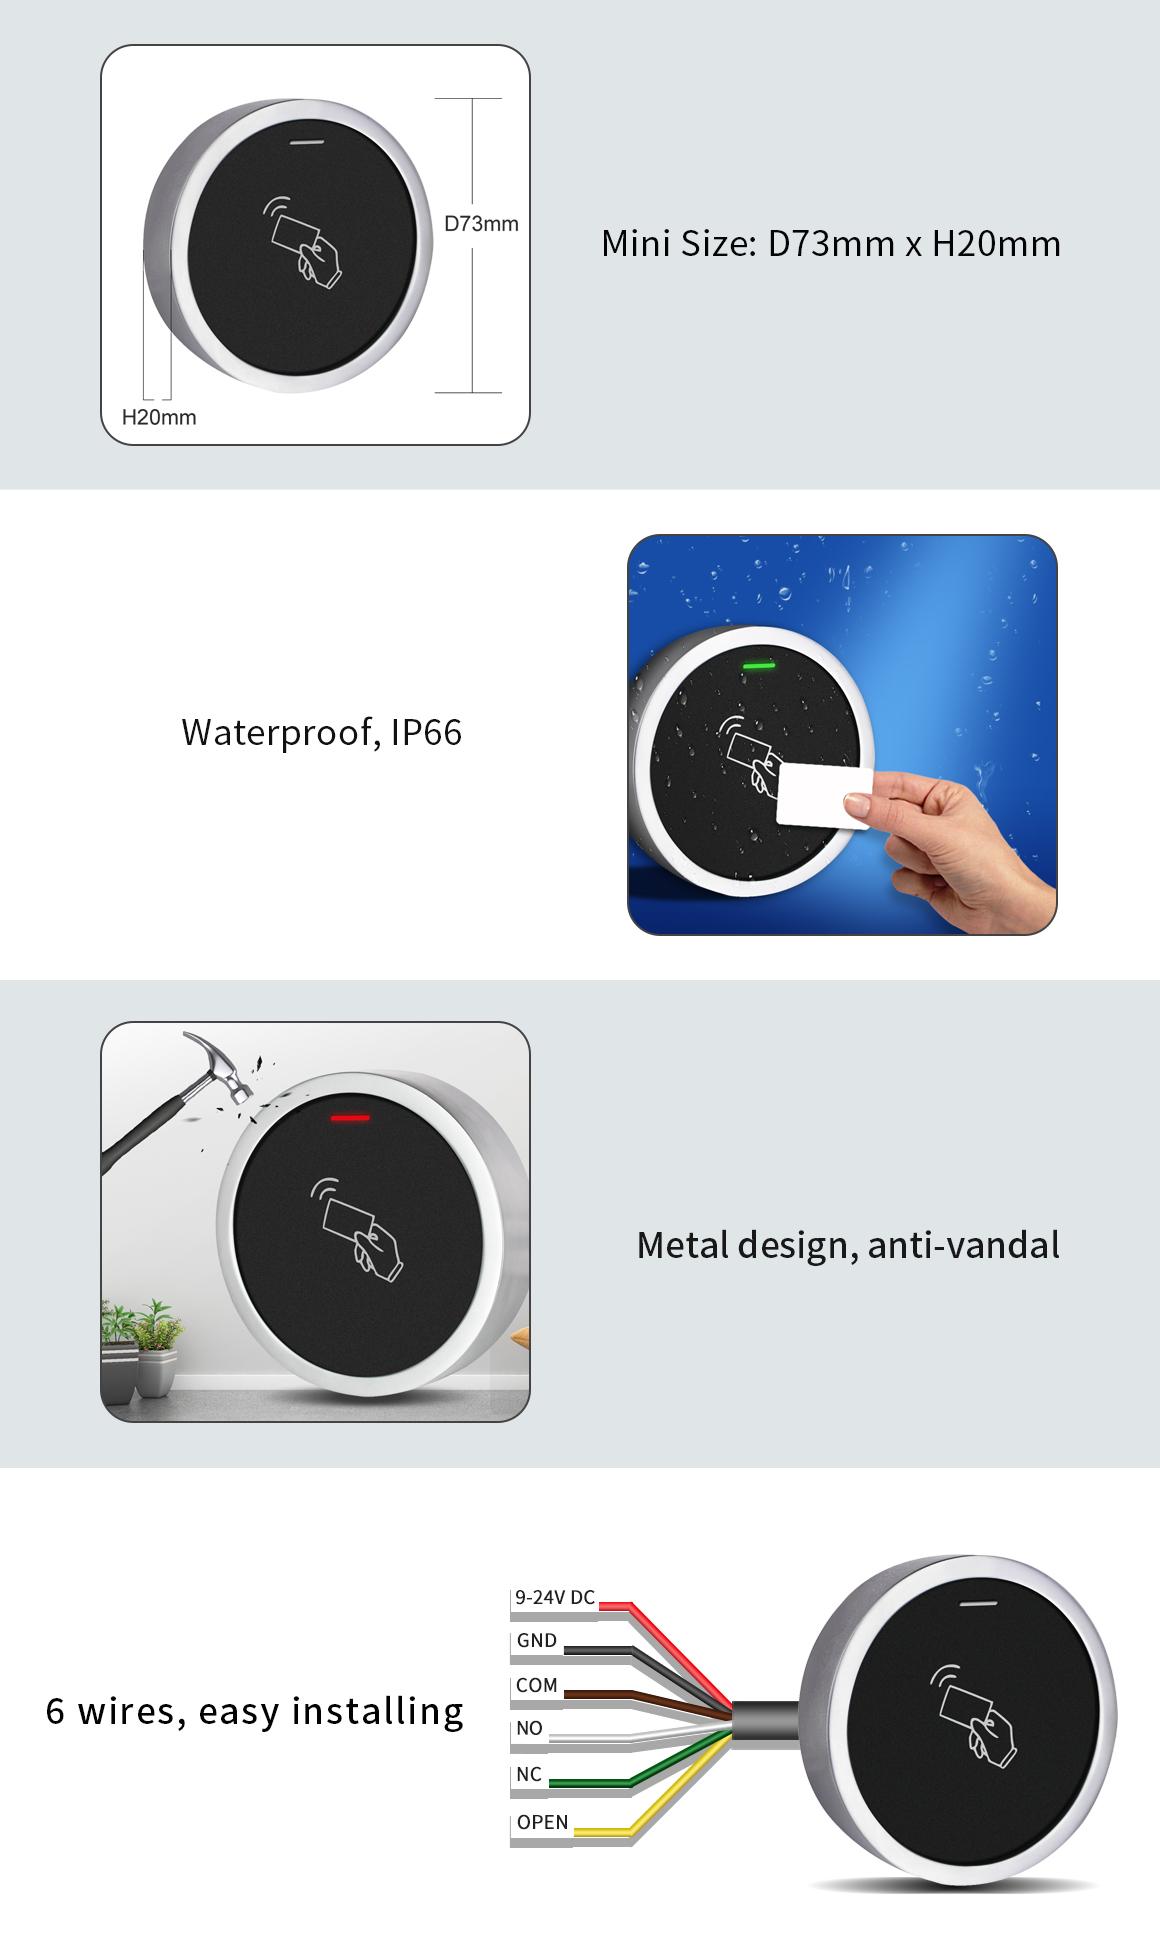 دستگاه کنترل تردد (کنترل دسترسی) (FG - S7 (EM ، ویژگی های دستگاه کنترل تردد (کنترل دسترسی) (FG - S7 (EM